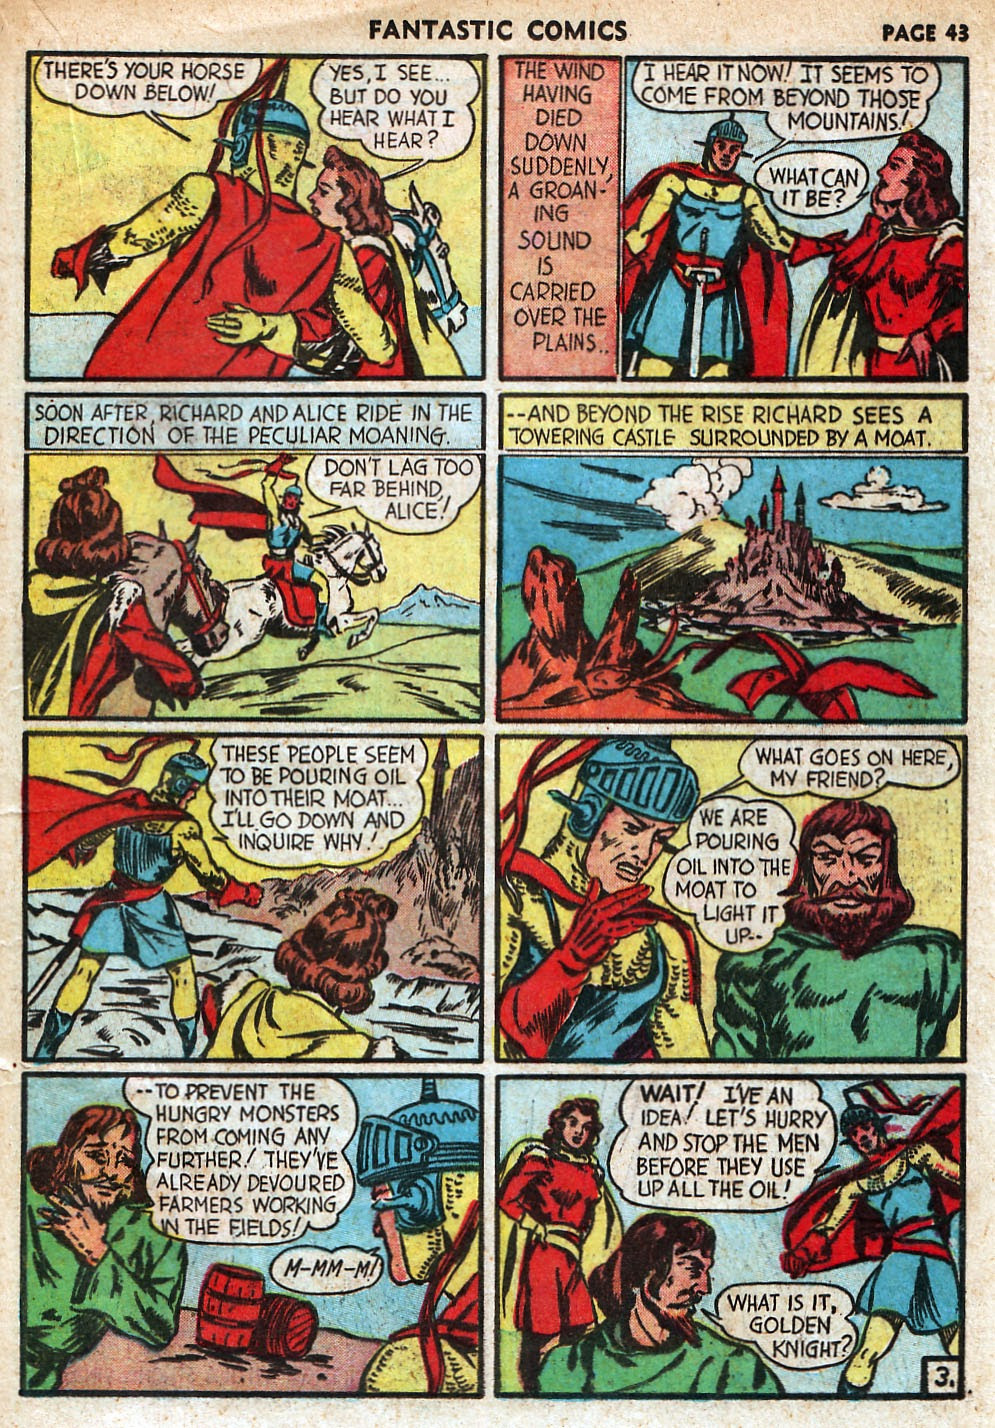 Read online Fantastic Comics comic -  Issue #18 - 45